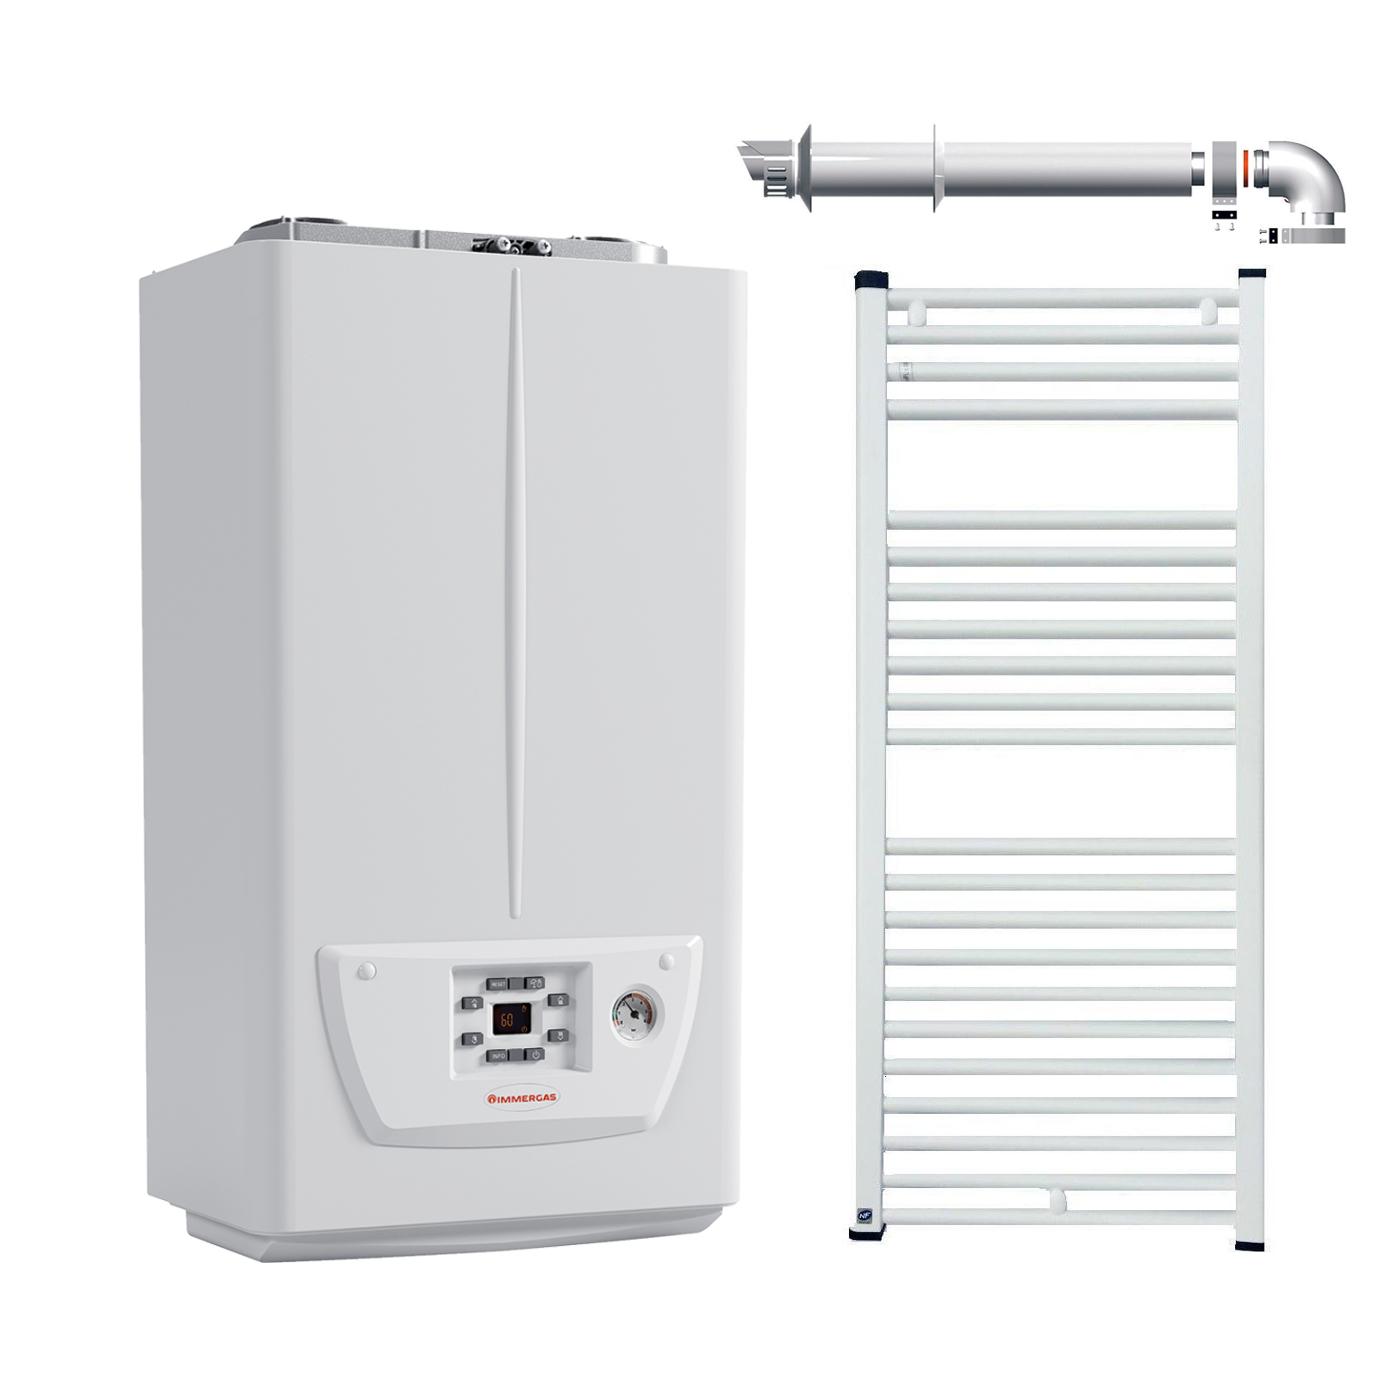 Pachet Centrala termica in condensare Immergas Victrix Omnia 25, kit evacuare inclus si radiator baie Fornello 500x800 imagine fornello.ro